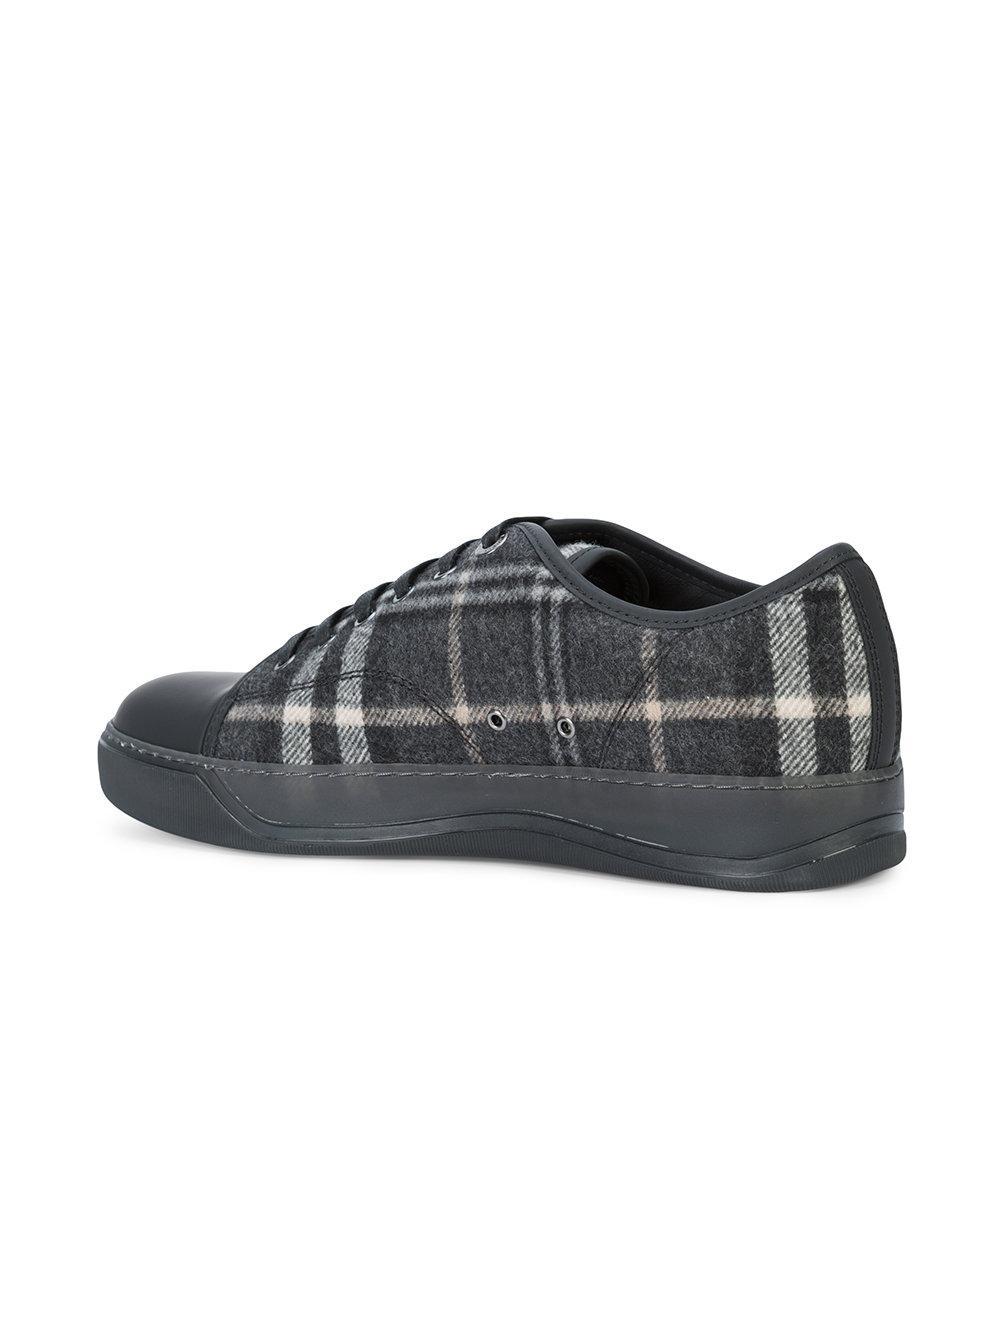 plaid felt low-top sneakers - Black Lanvin eLmZfvFXe